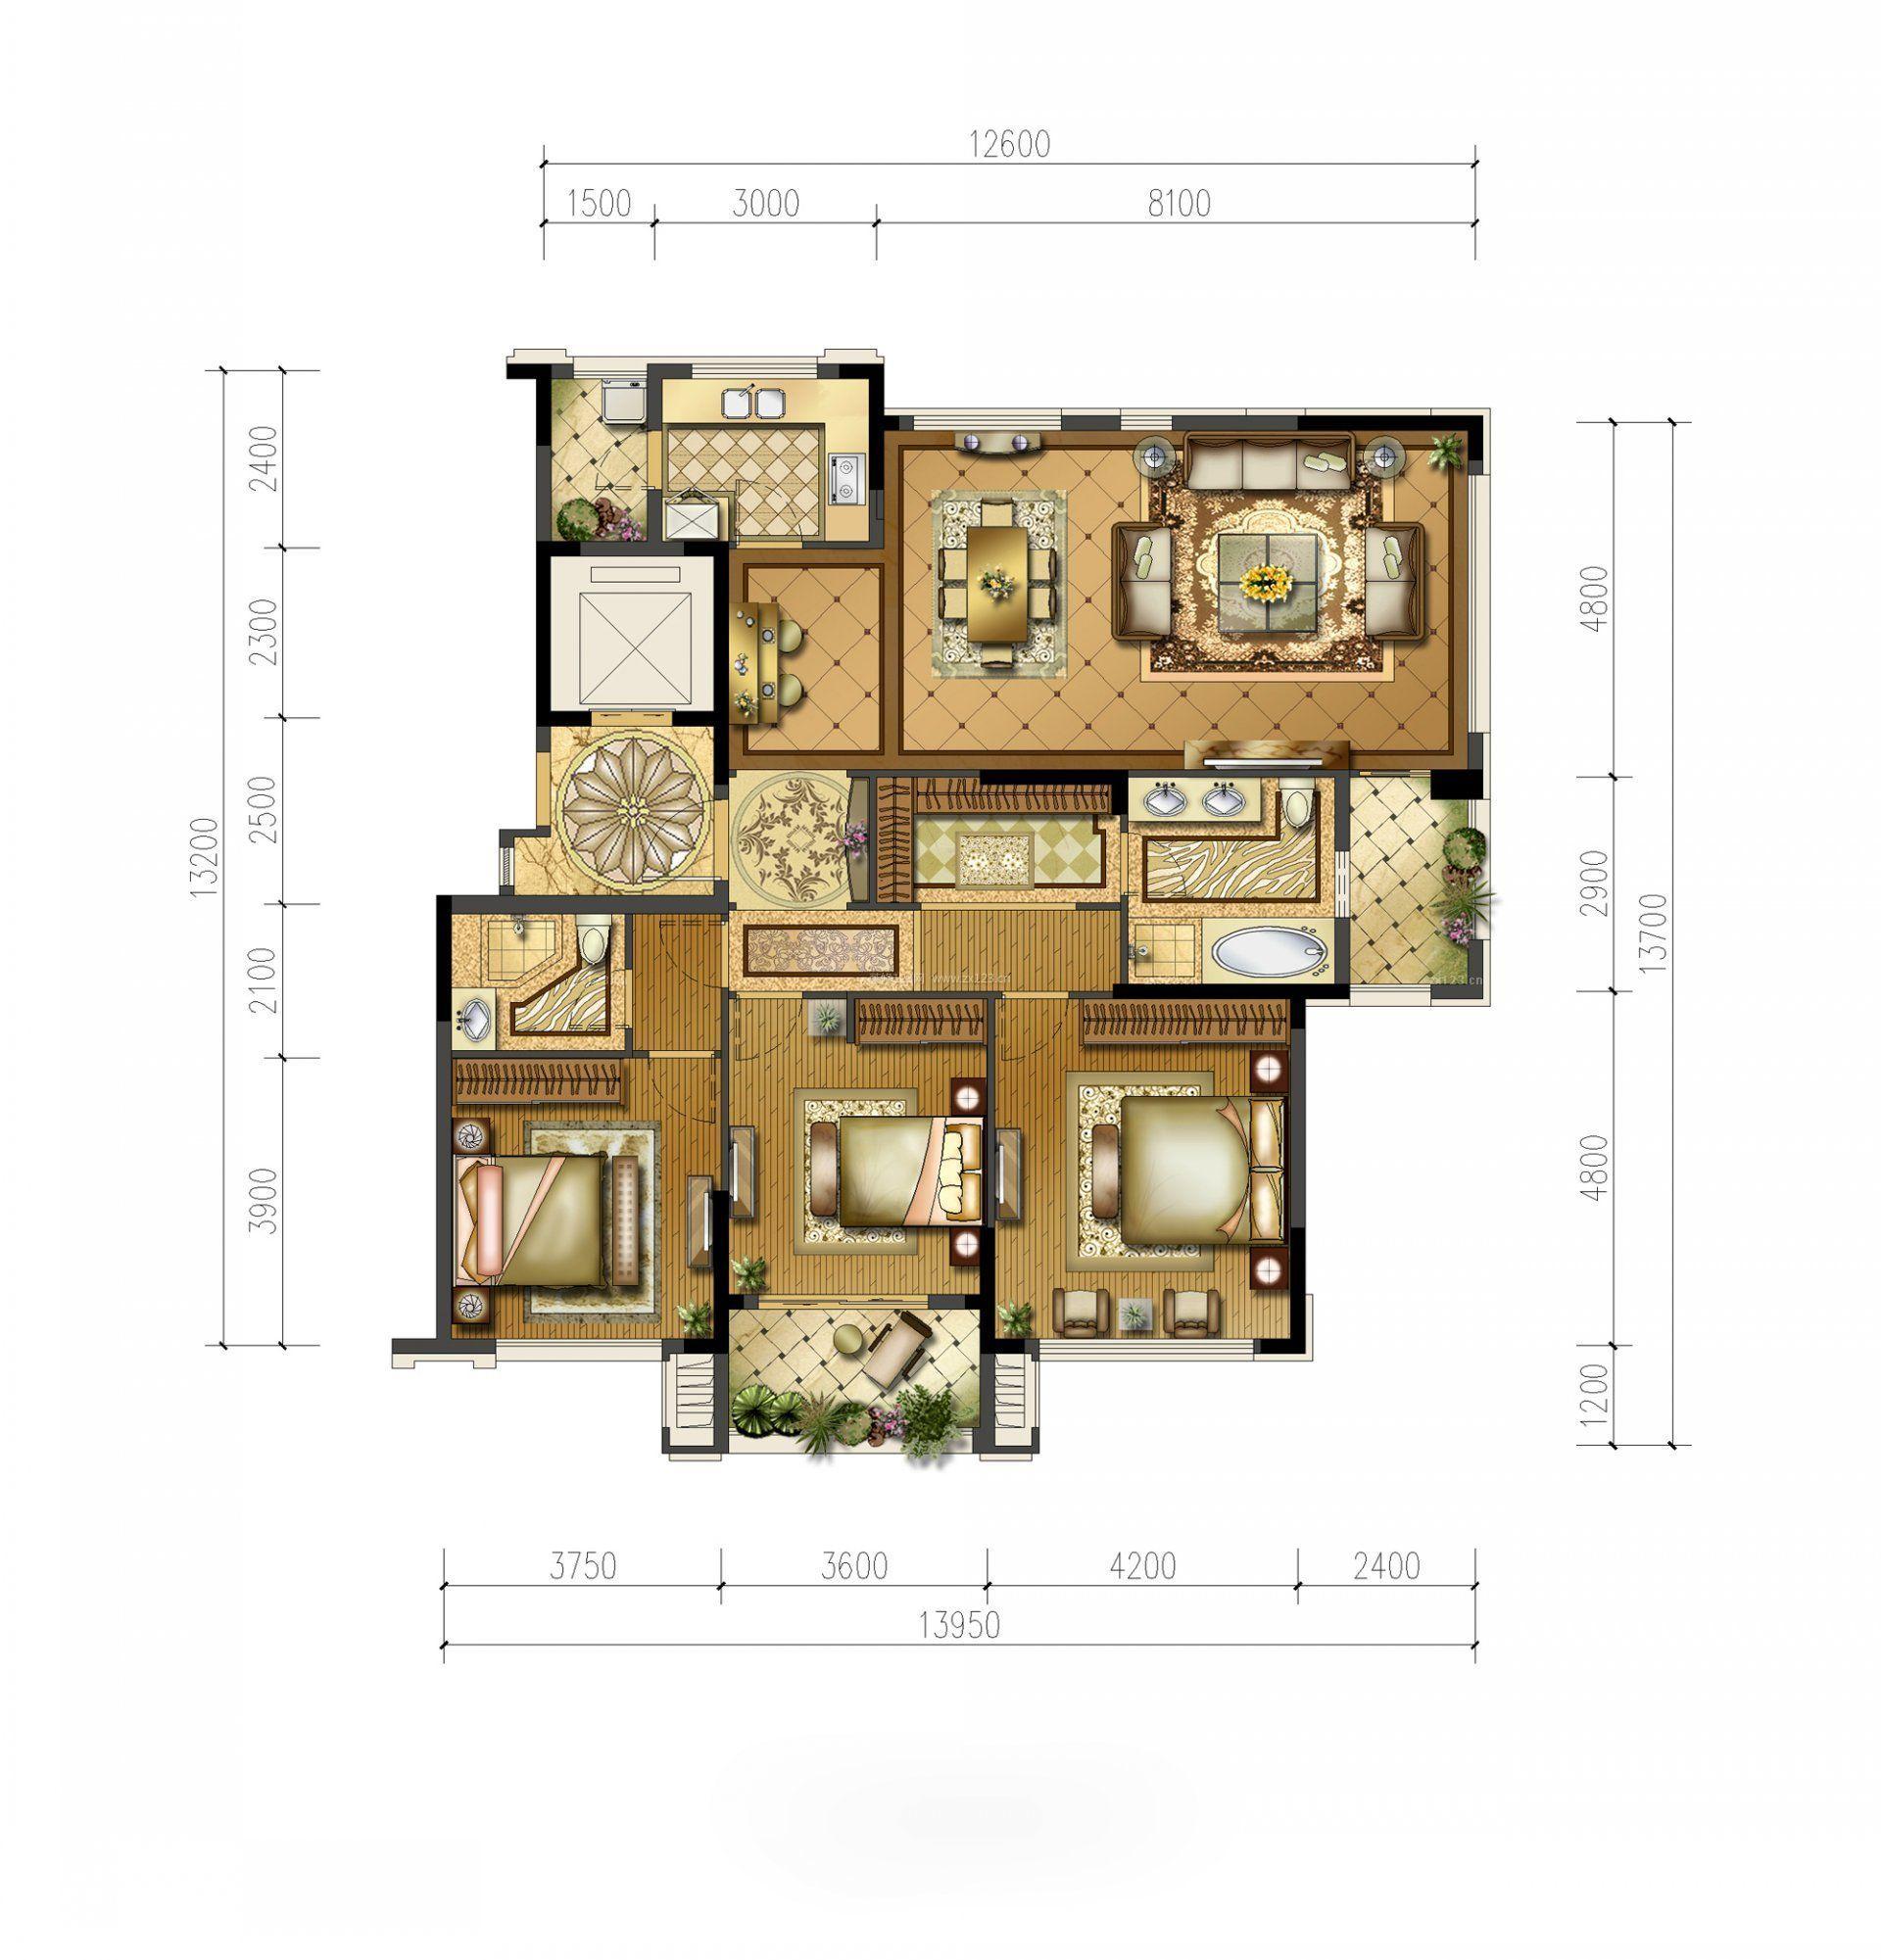 三室两厅经典户型图